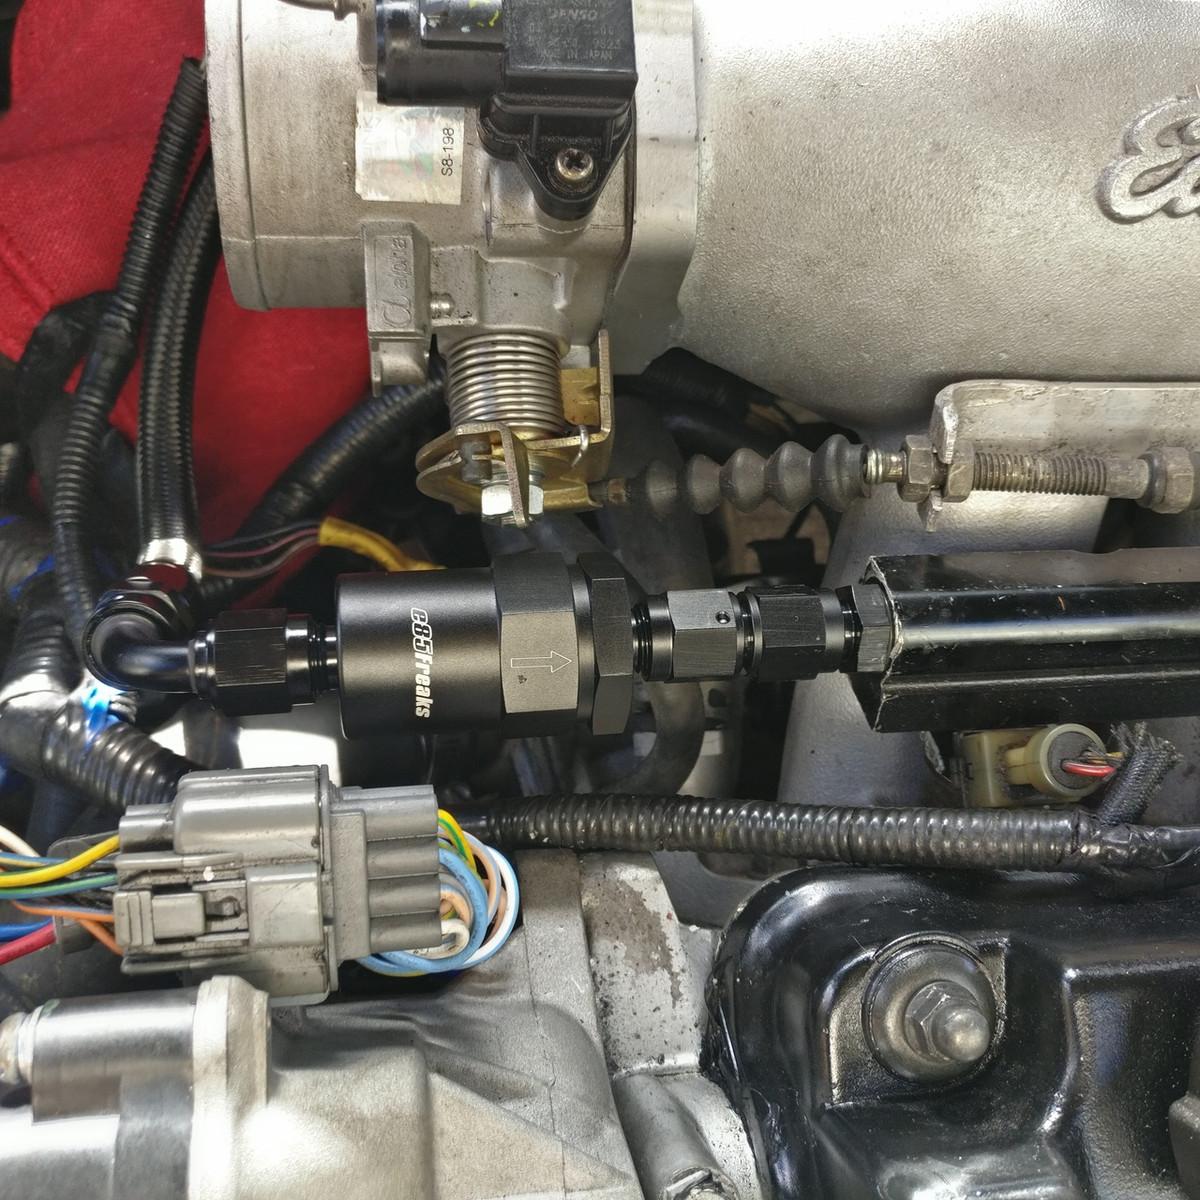 jbtuned honda ef civic da integra crx fuel line tuck kit 2015 honda civic fuel filter location